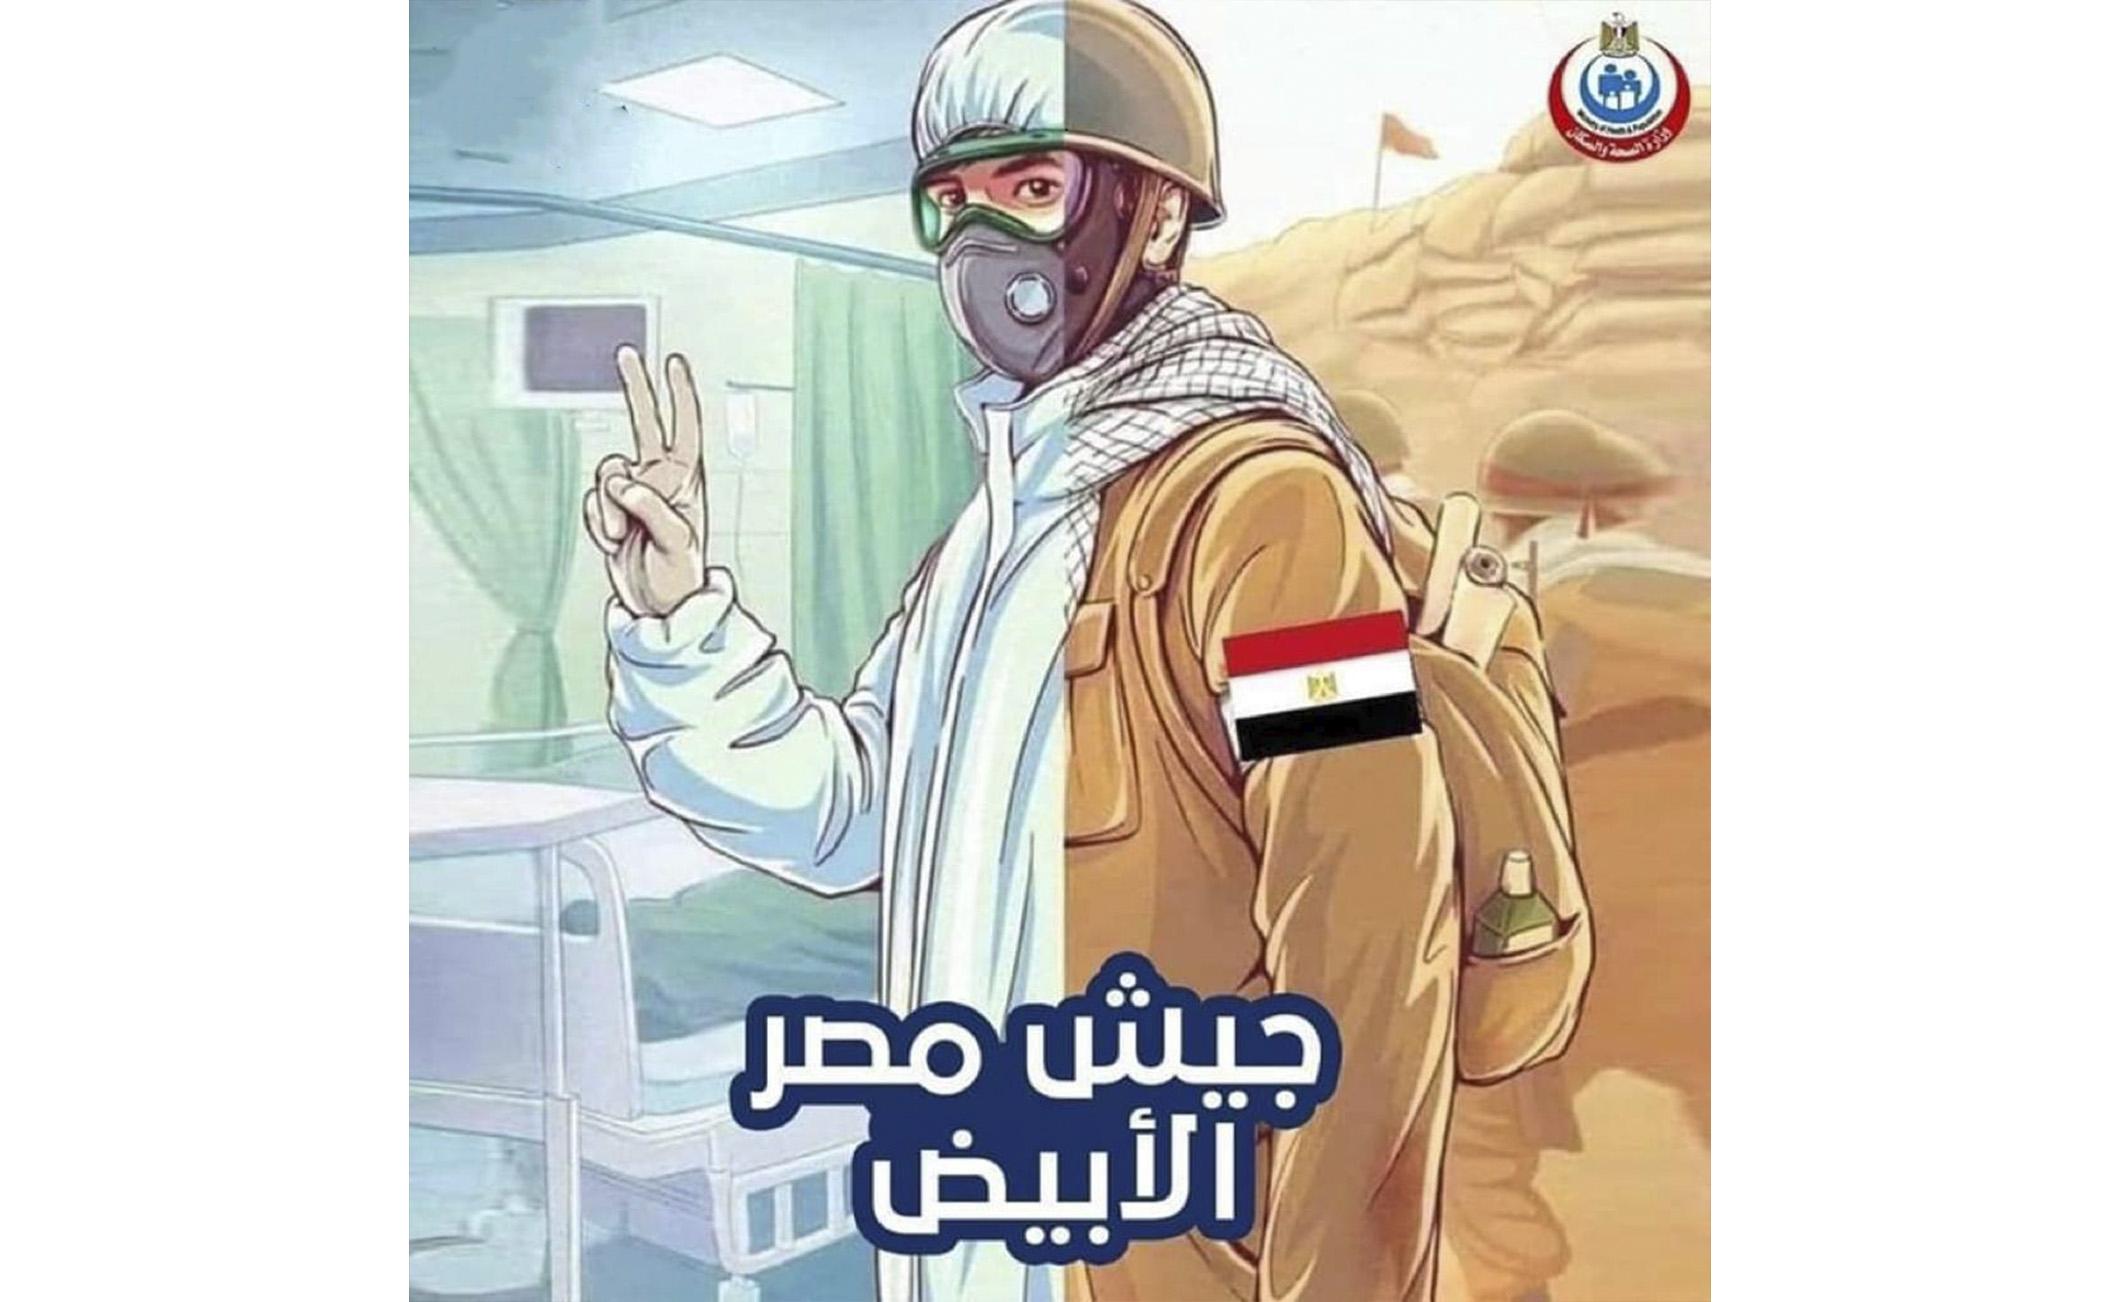 egypt's white army